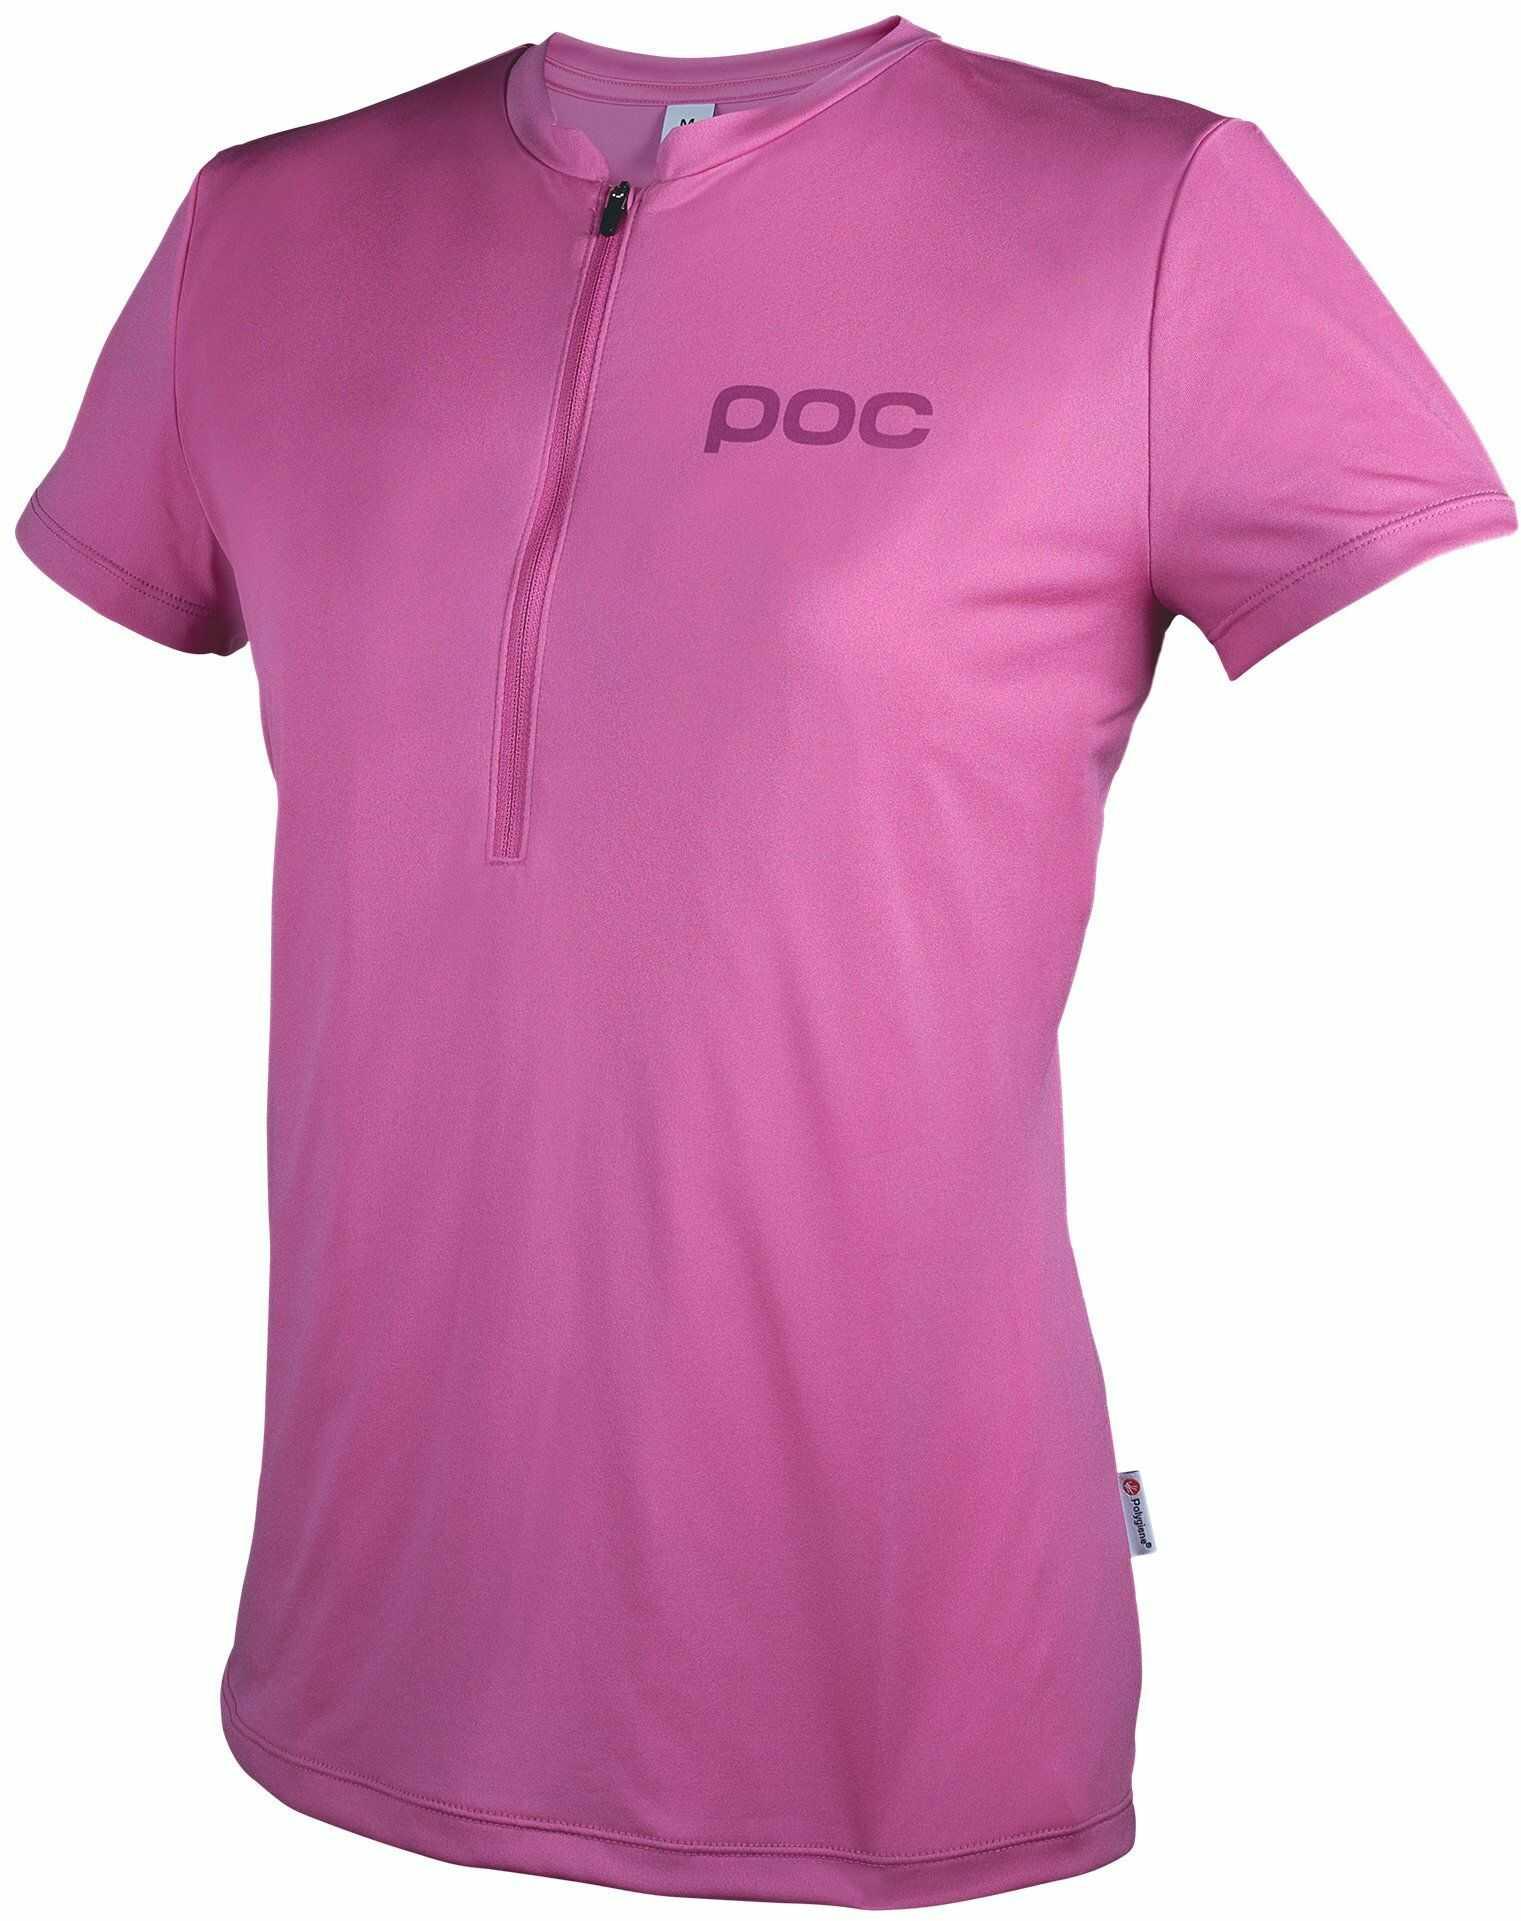 POC Męski t-shirt kolarski z kręgosłupem różowy siarkowy rozmiar: L